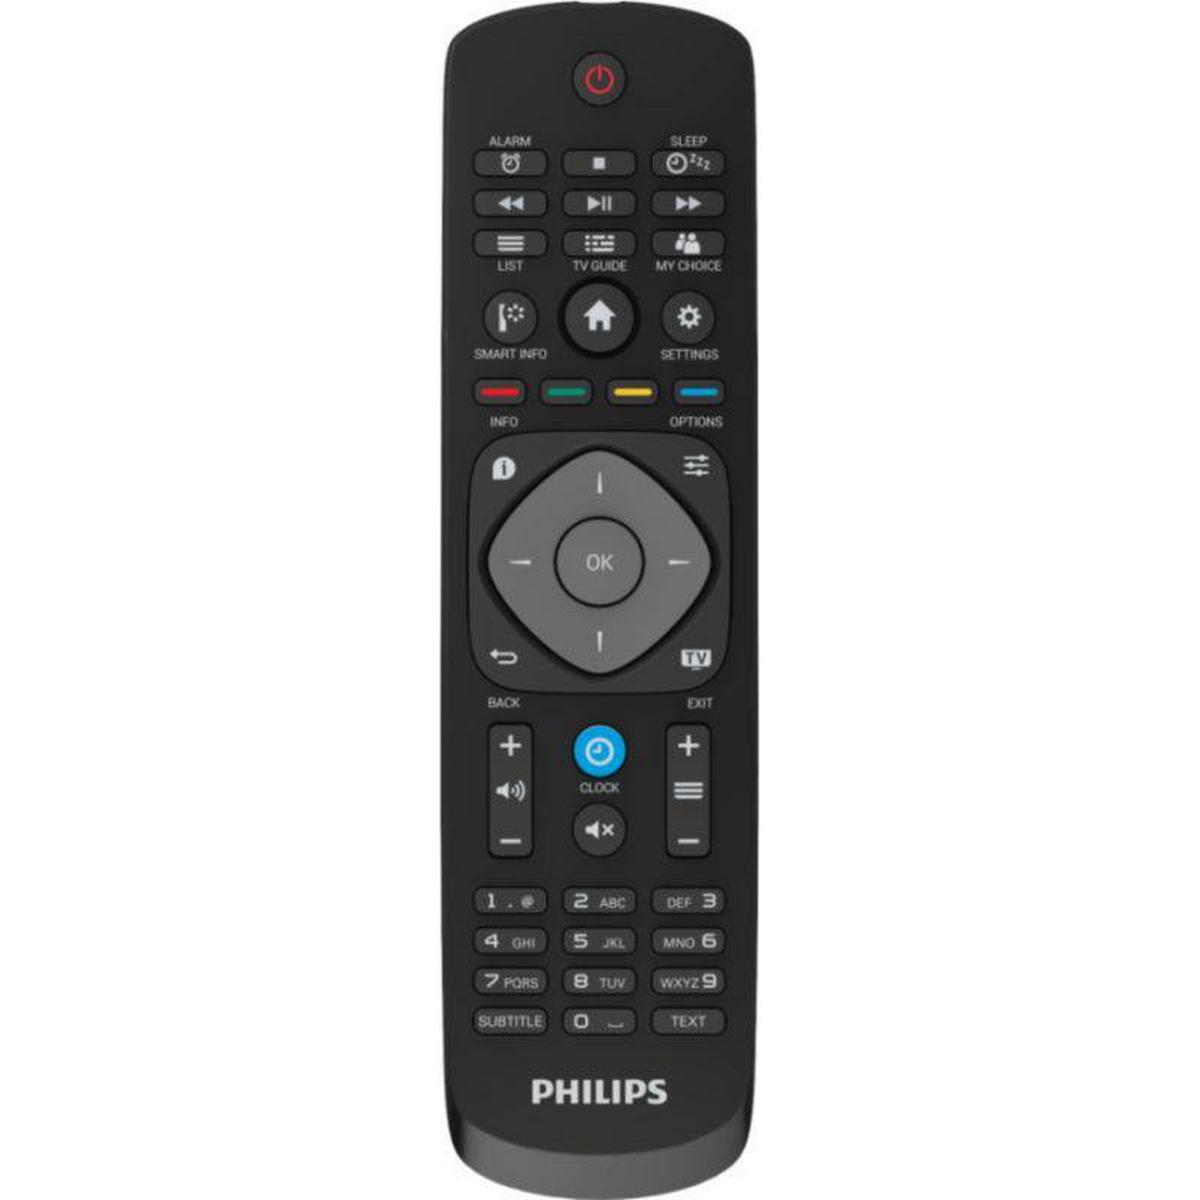 Rask Philips Fjernbetjeninger - Sammenlign priser hos PriceRunner DA-58